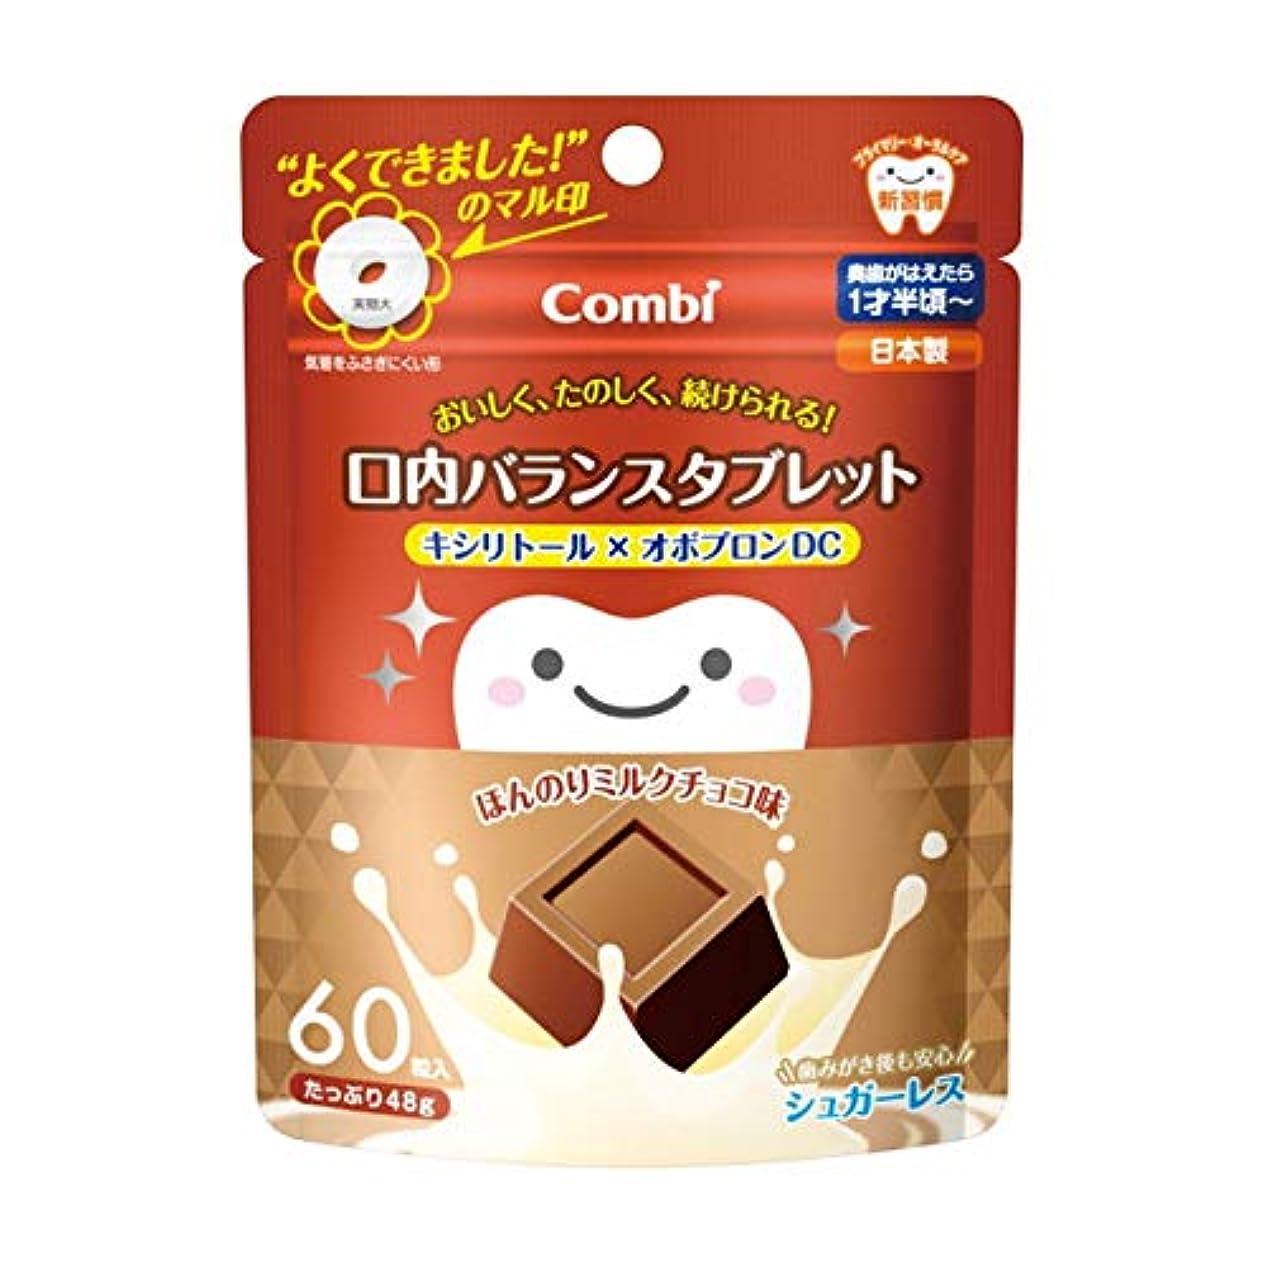 魂円形に頼るテテオ 口内バランスタブレット(ミルクチョコ) 60粒